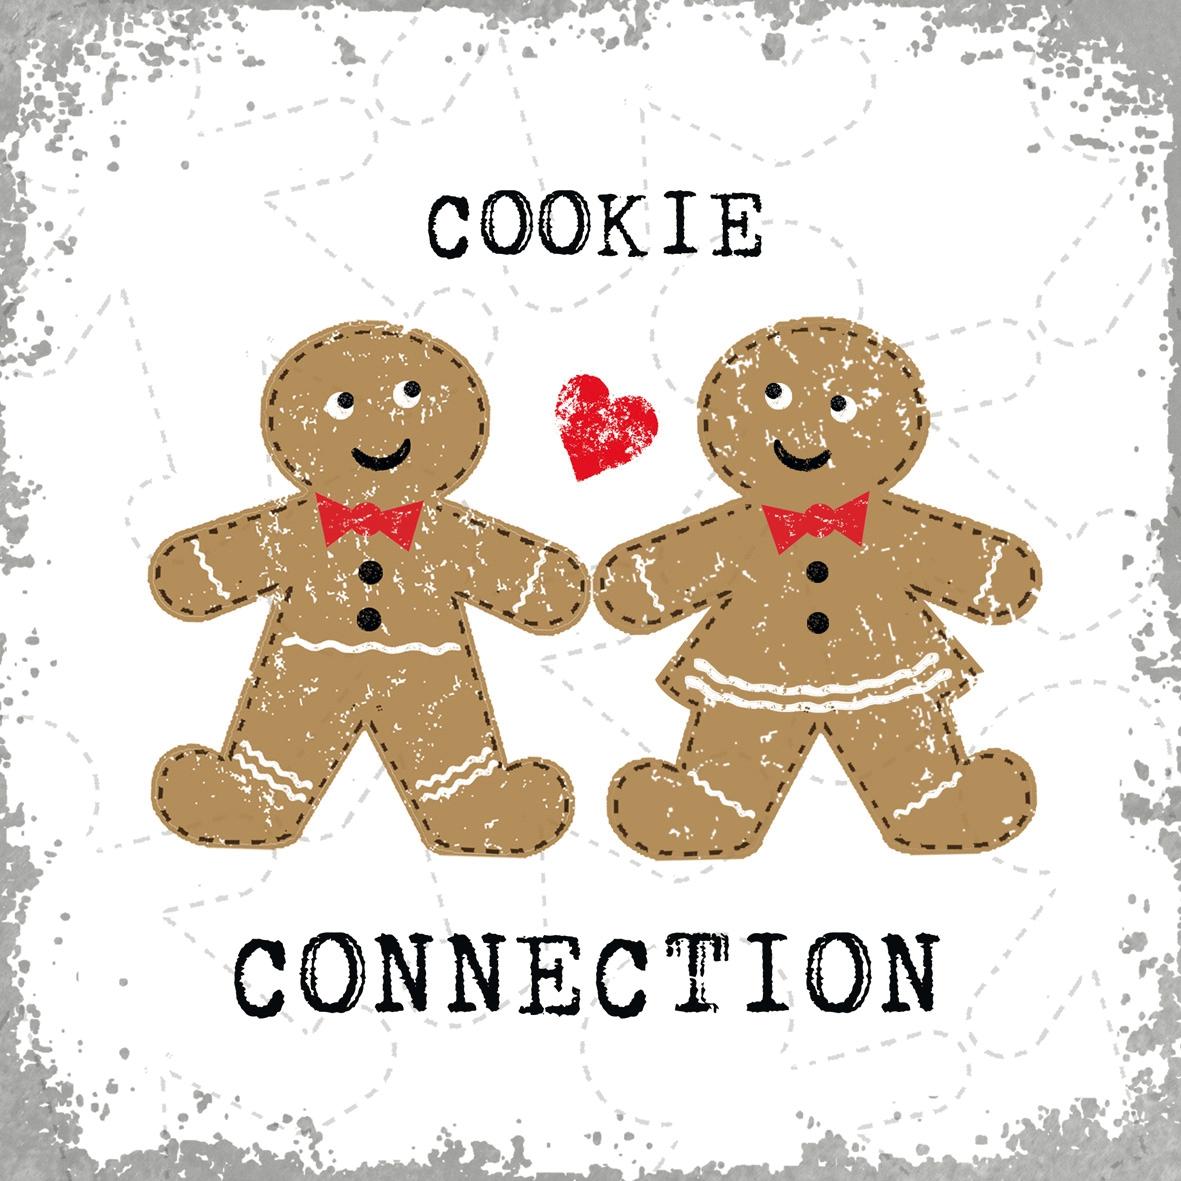 Lunch Servietten Cookie Connection,  Essen - Kuchen / Keks,  Weihnachten,  lunchservietten,  Lebkuchen